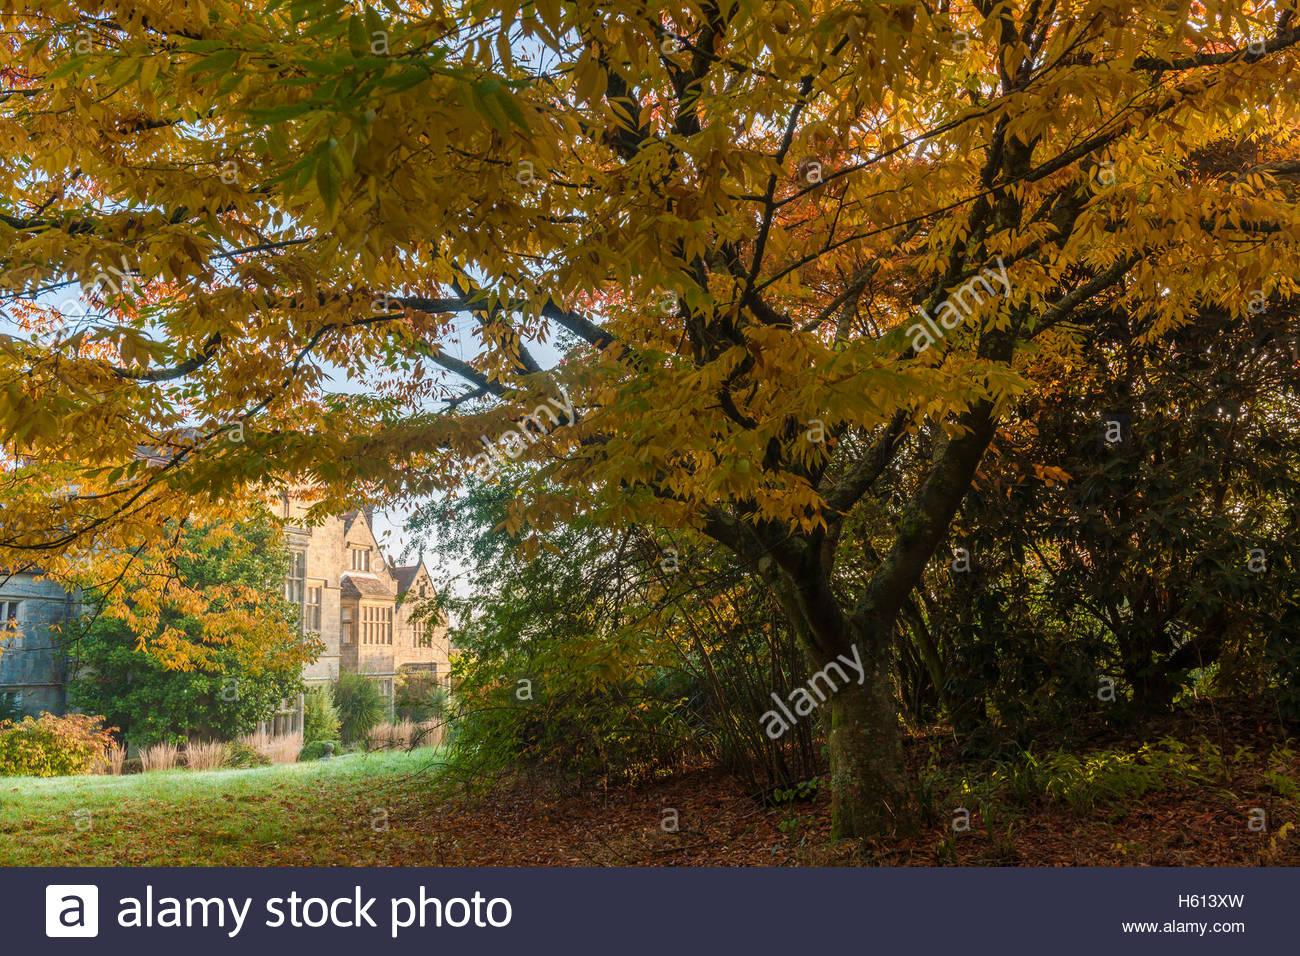 Zelkova serrata tree Japanese keaki in autumn - Stock Image